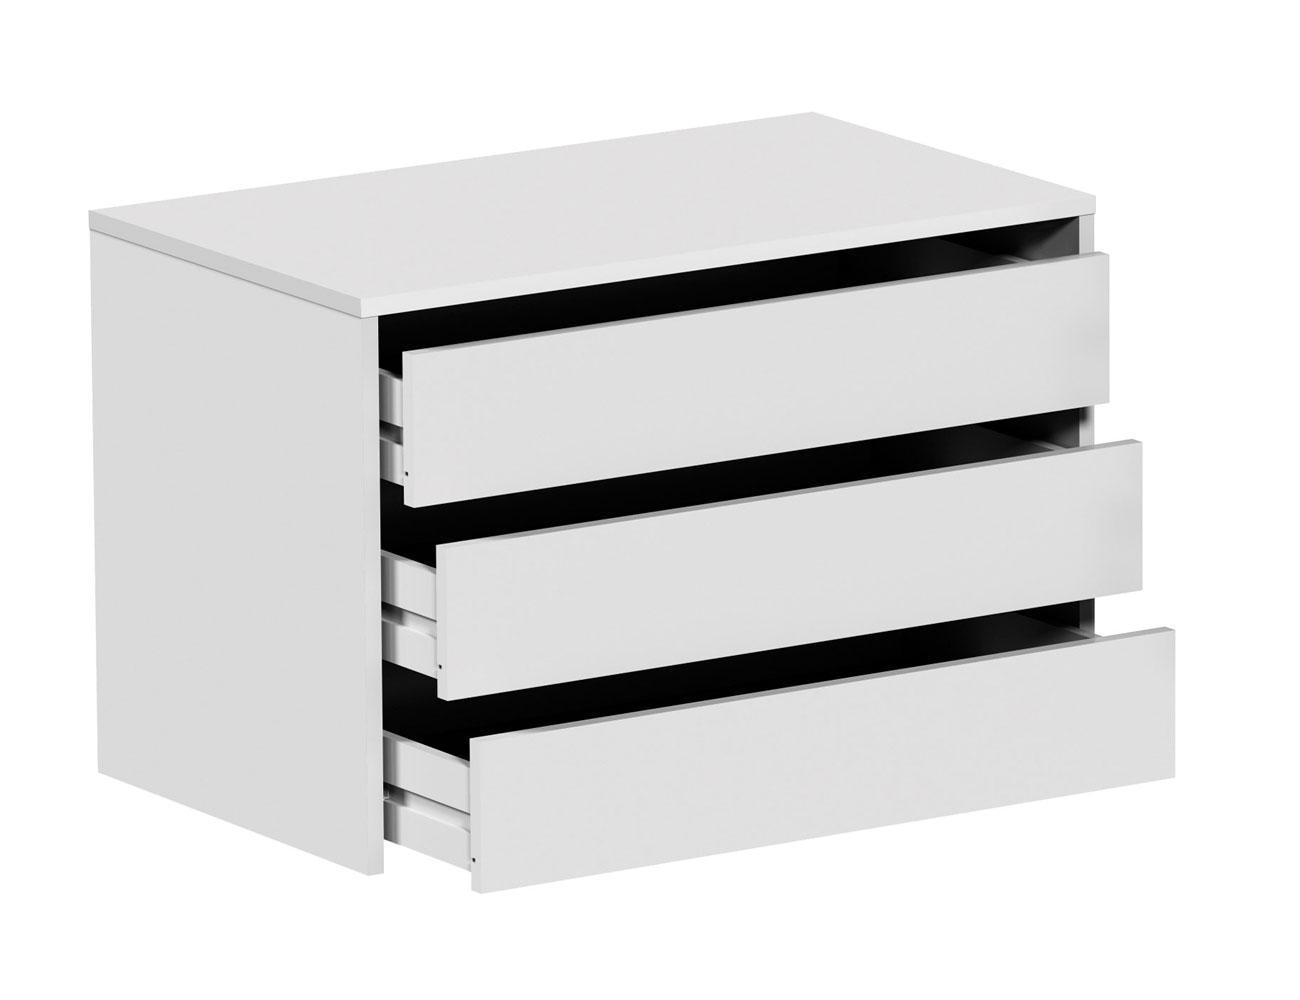 Cajoneras armario armario empotrado tres puertas - Ikea cajonera armario ...